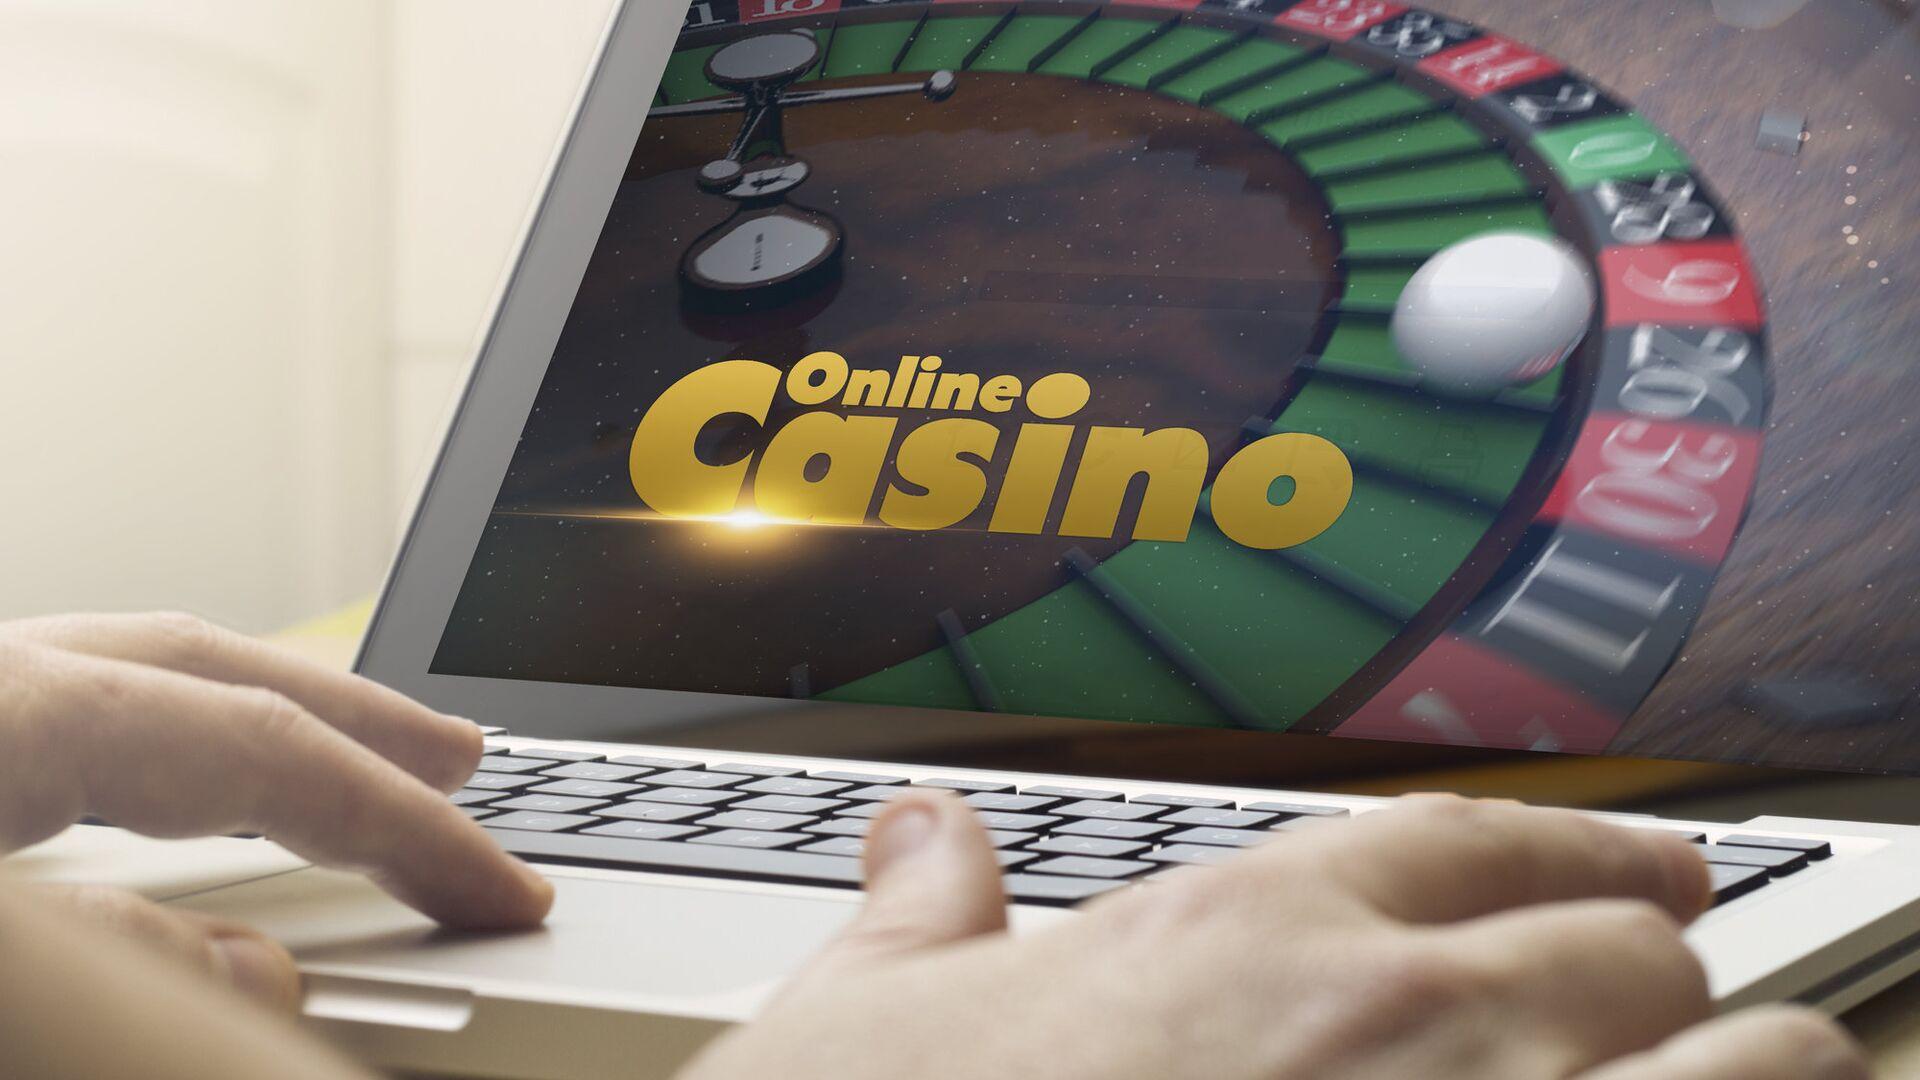 Человек играет в онлайн-казино - РИА Новости, 1920, 20.10.2020